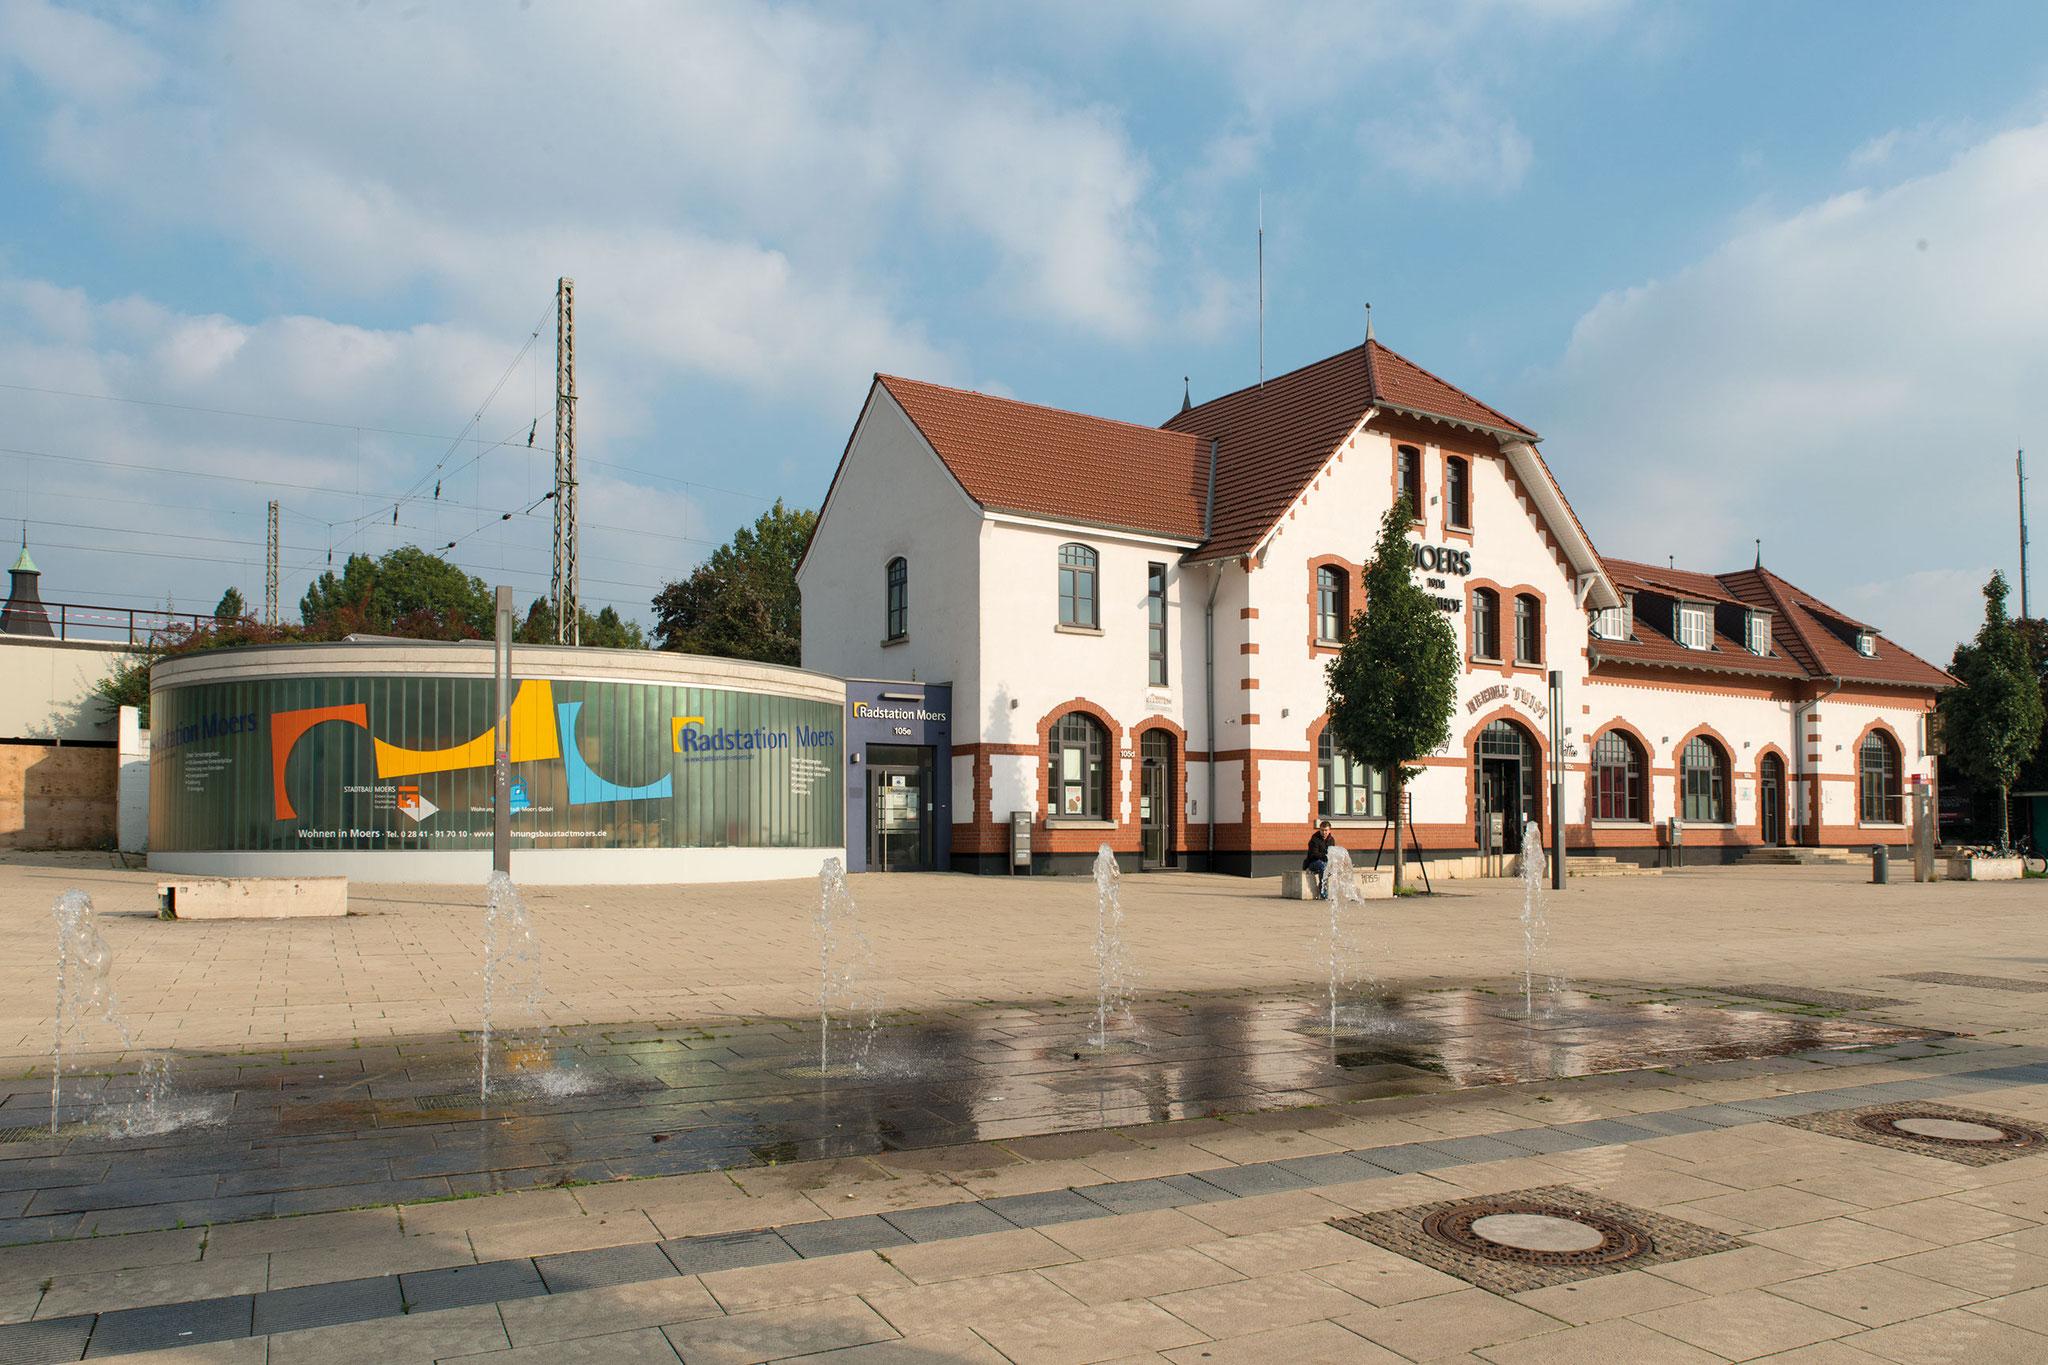 Moers, Empfangsgebäude und Umfeld